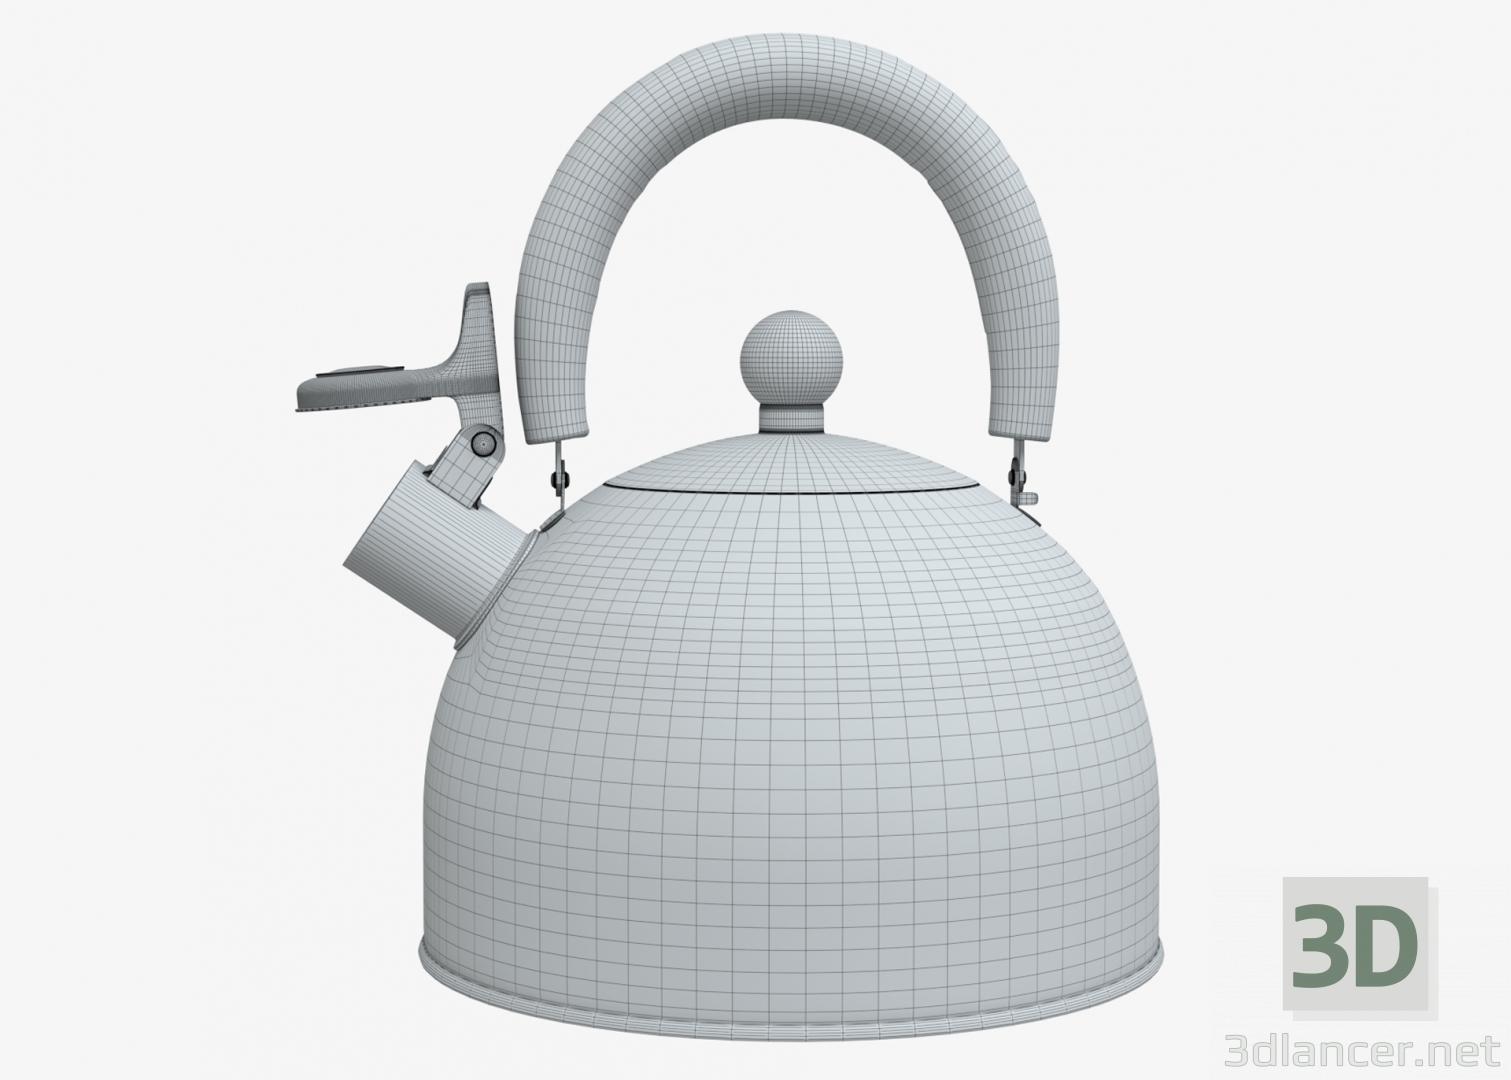 3d Whistle kettle model buy - render